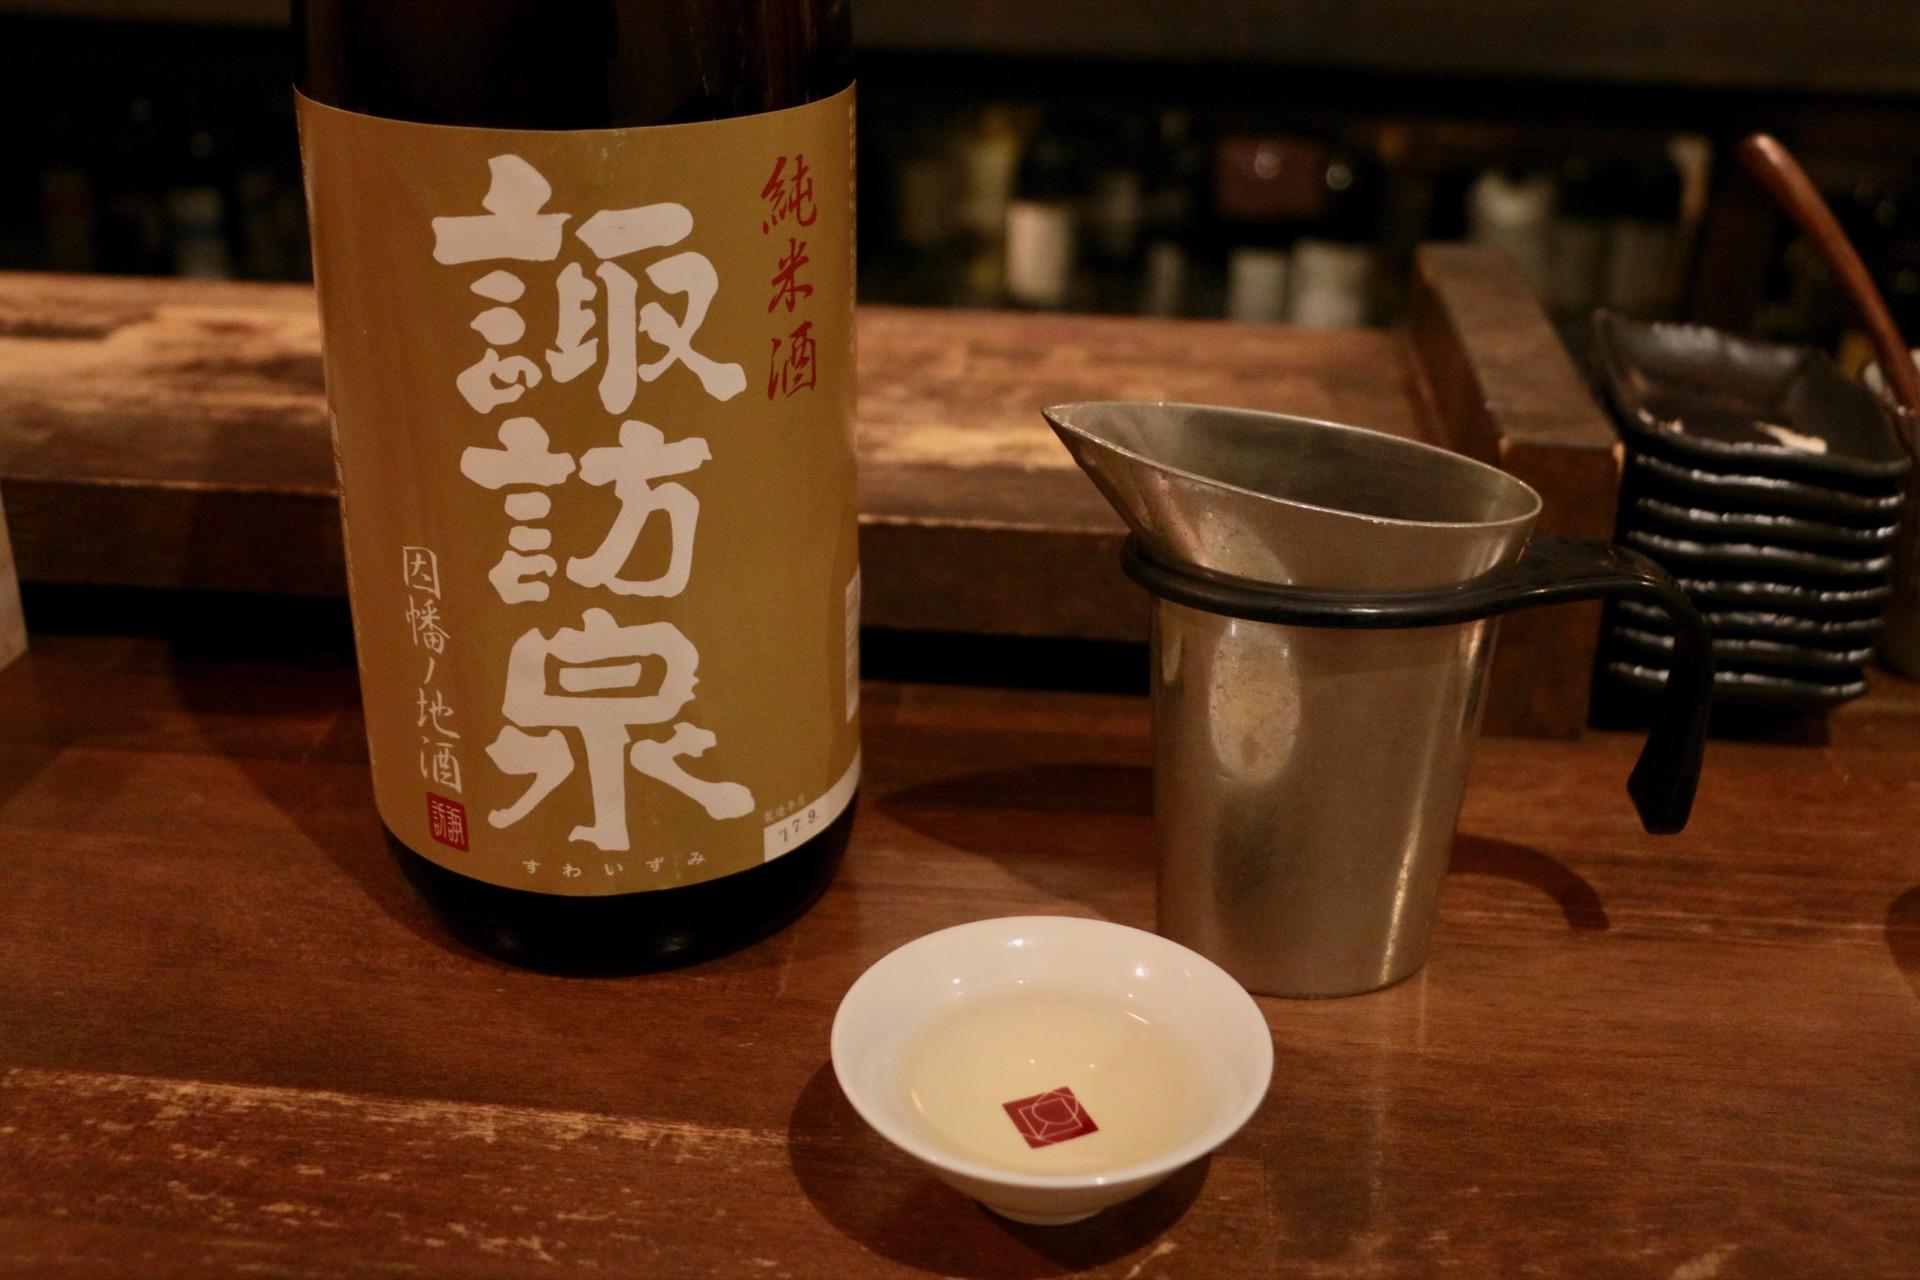 諏訪泉 純米酒|日本酒テイスティングノート